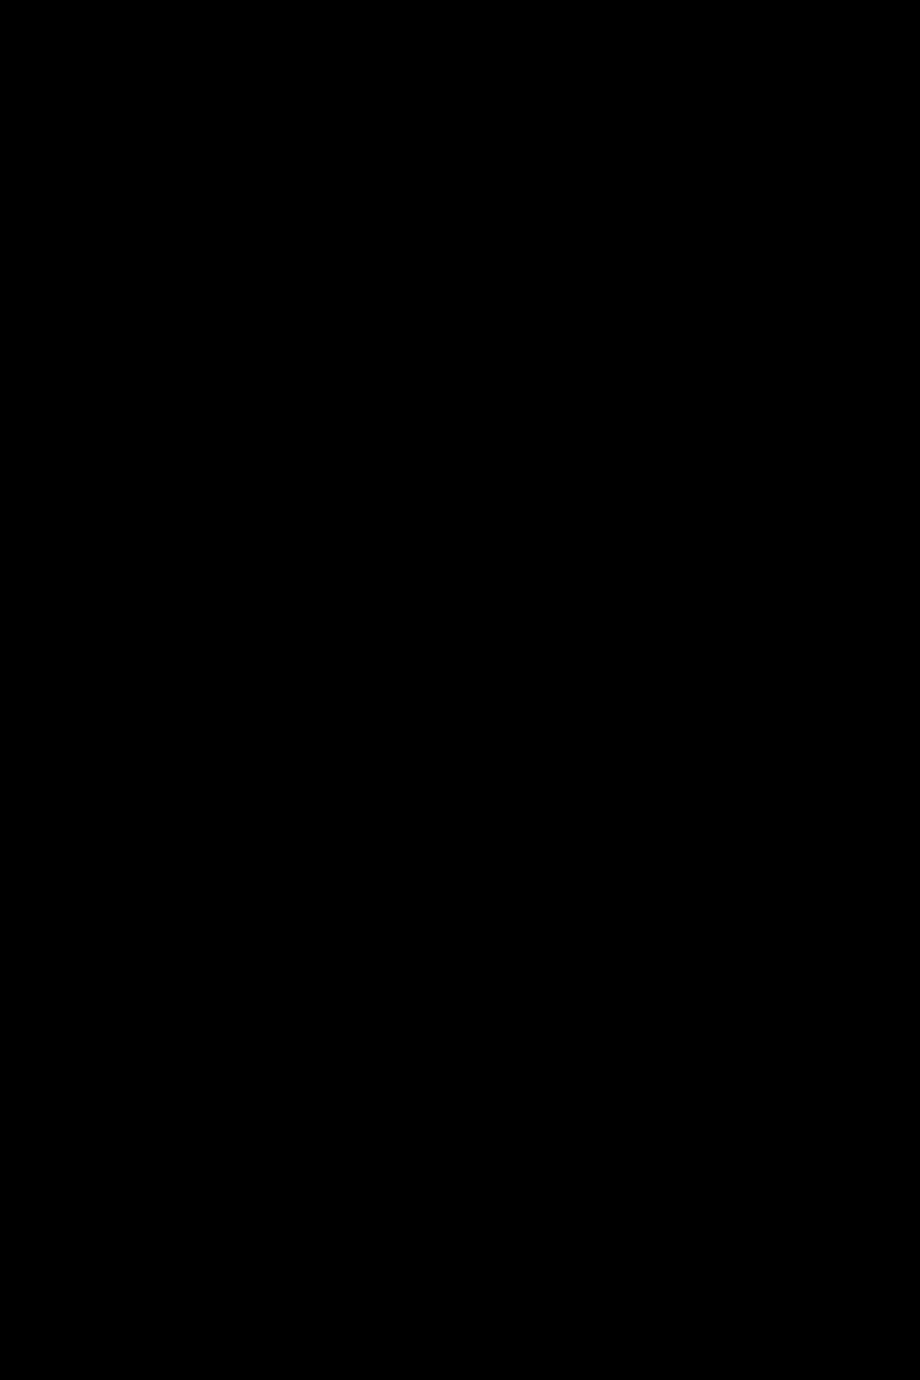 Chloè crossbody bag on sale on NetAPorter - Saldi estivi 2016: Cosa comprare